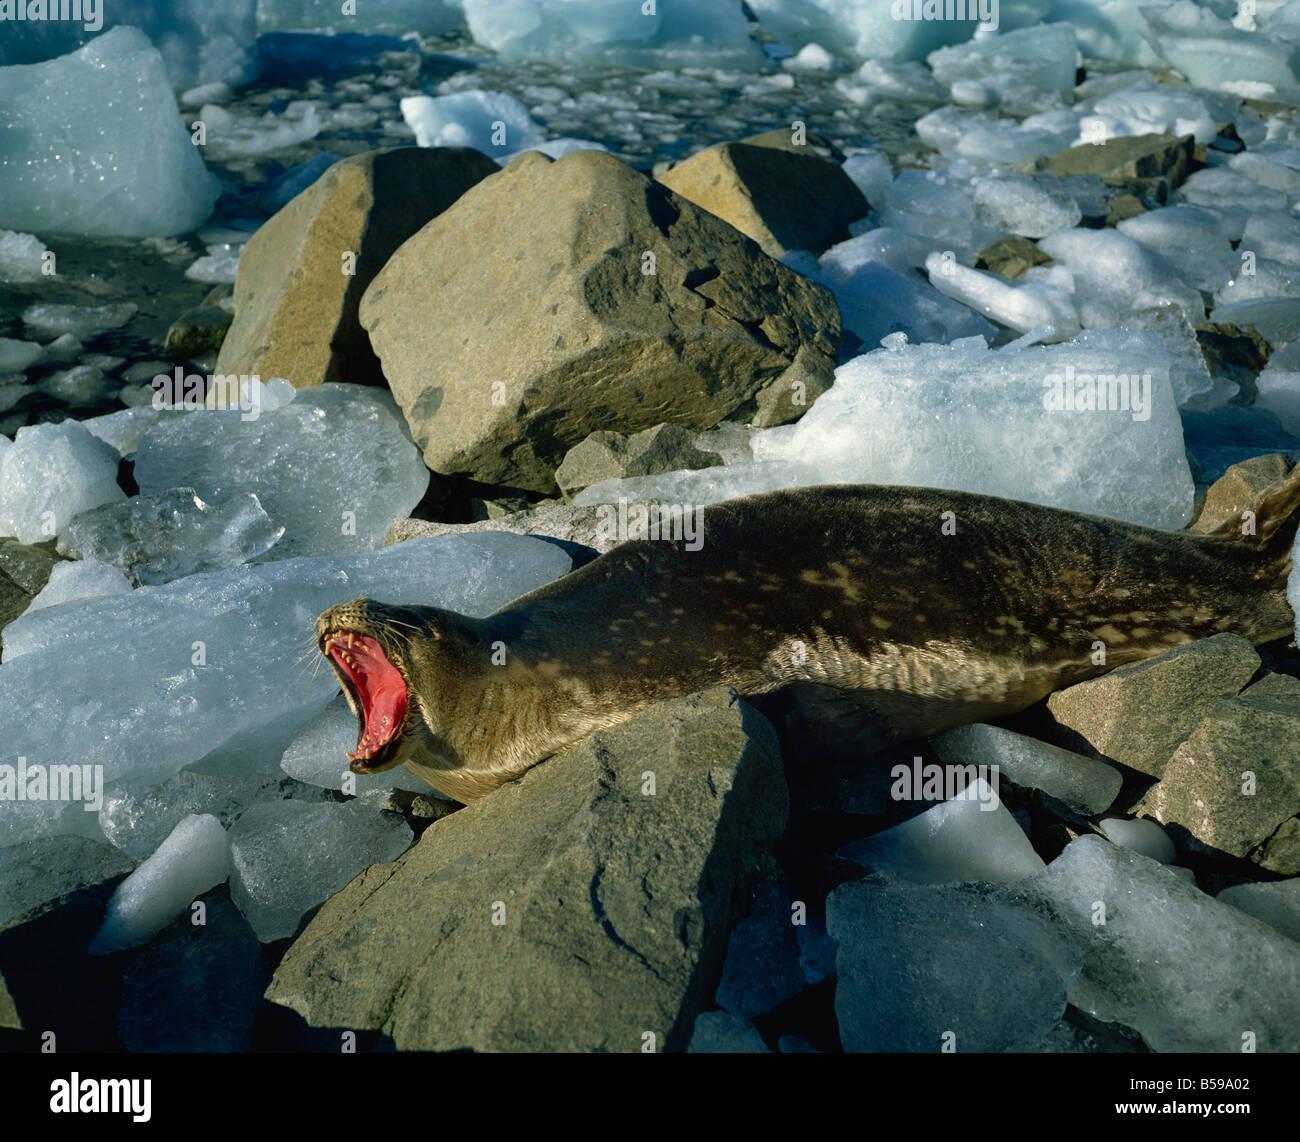 Weddell seal Antarctica Polar Regions - Stock Image